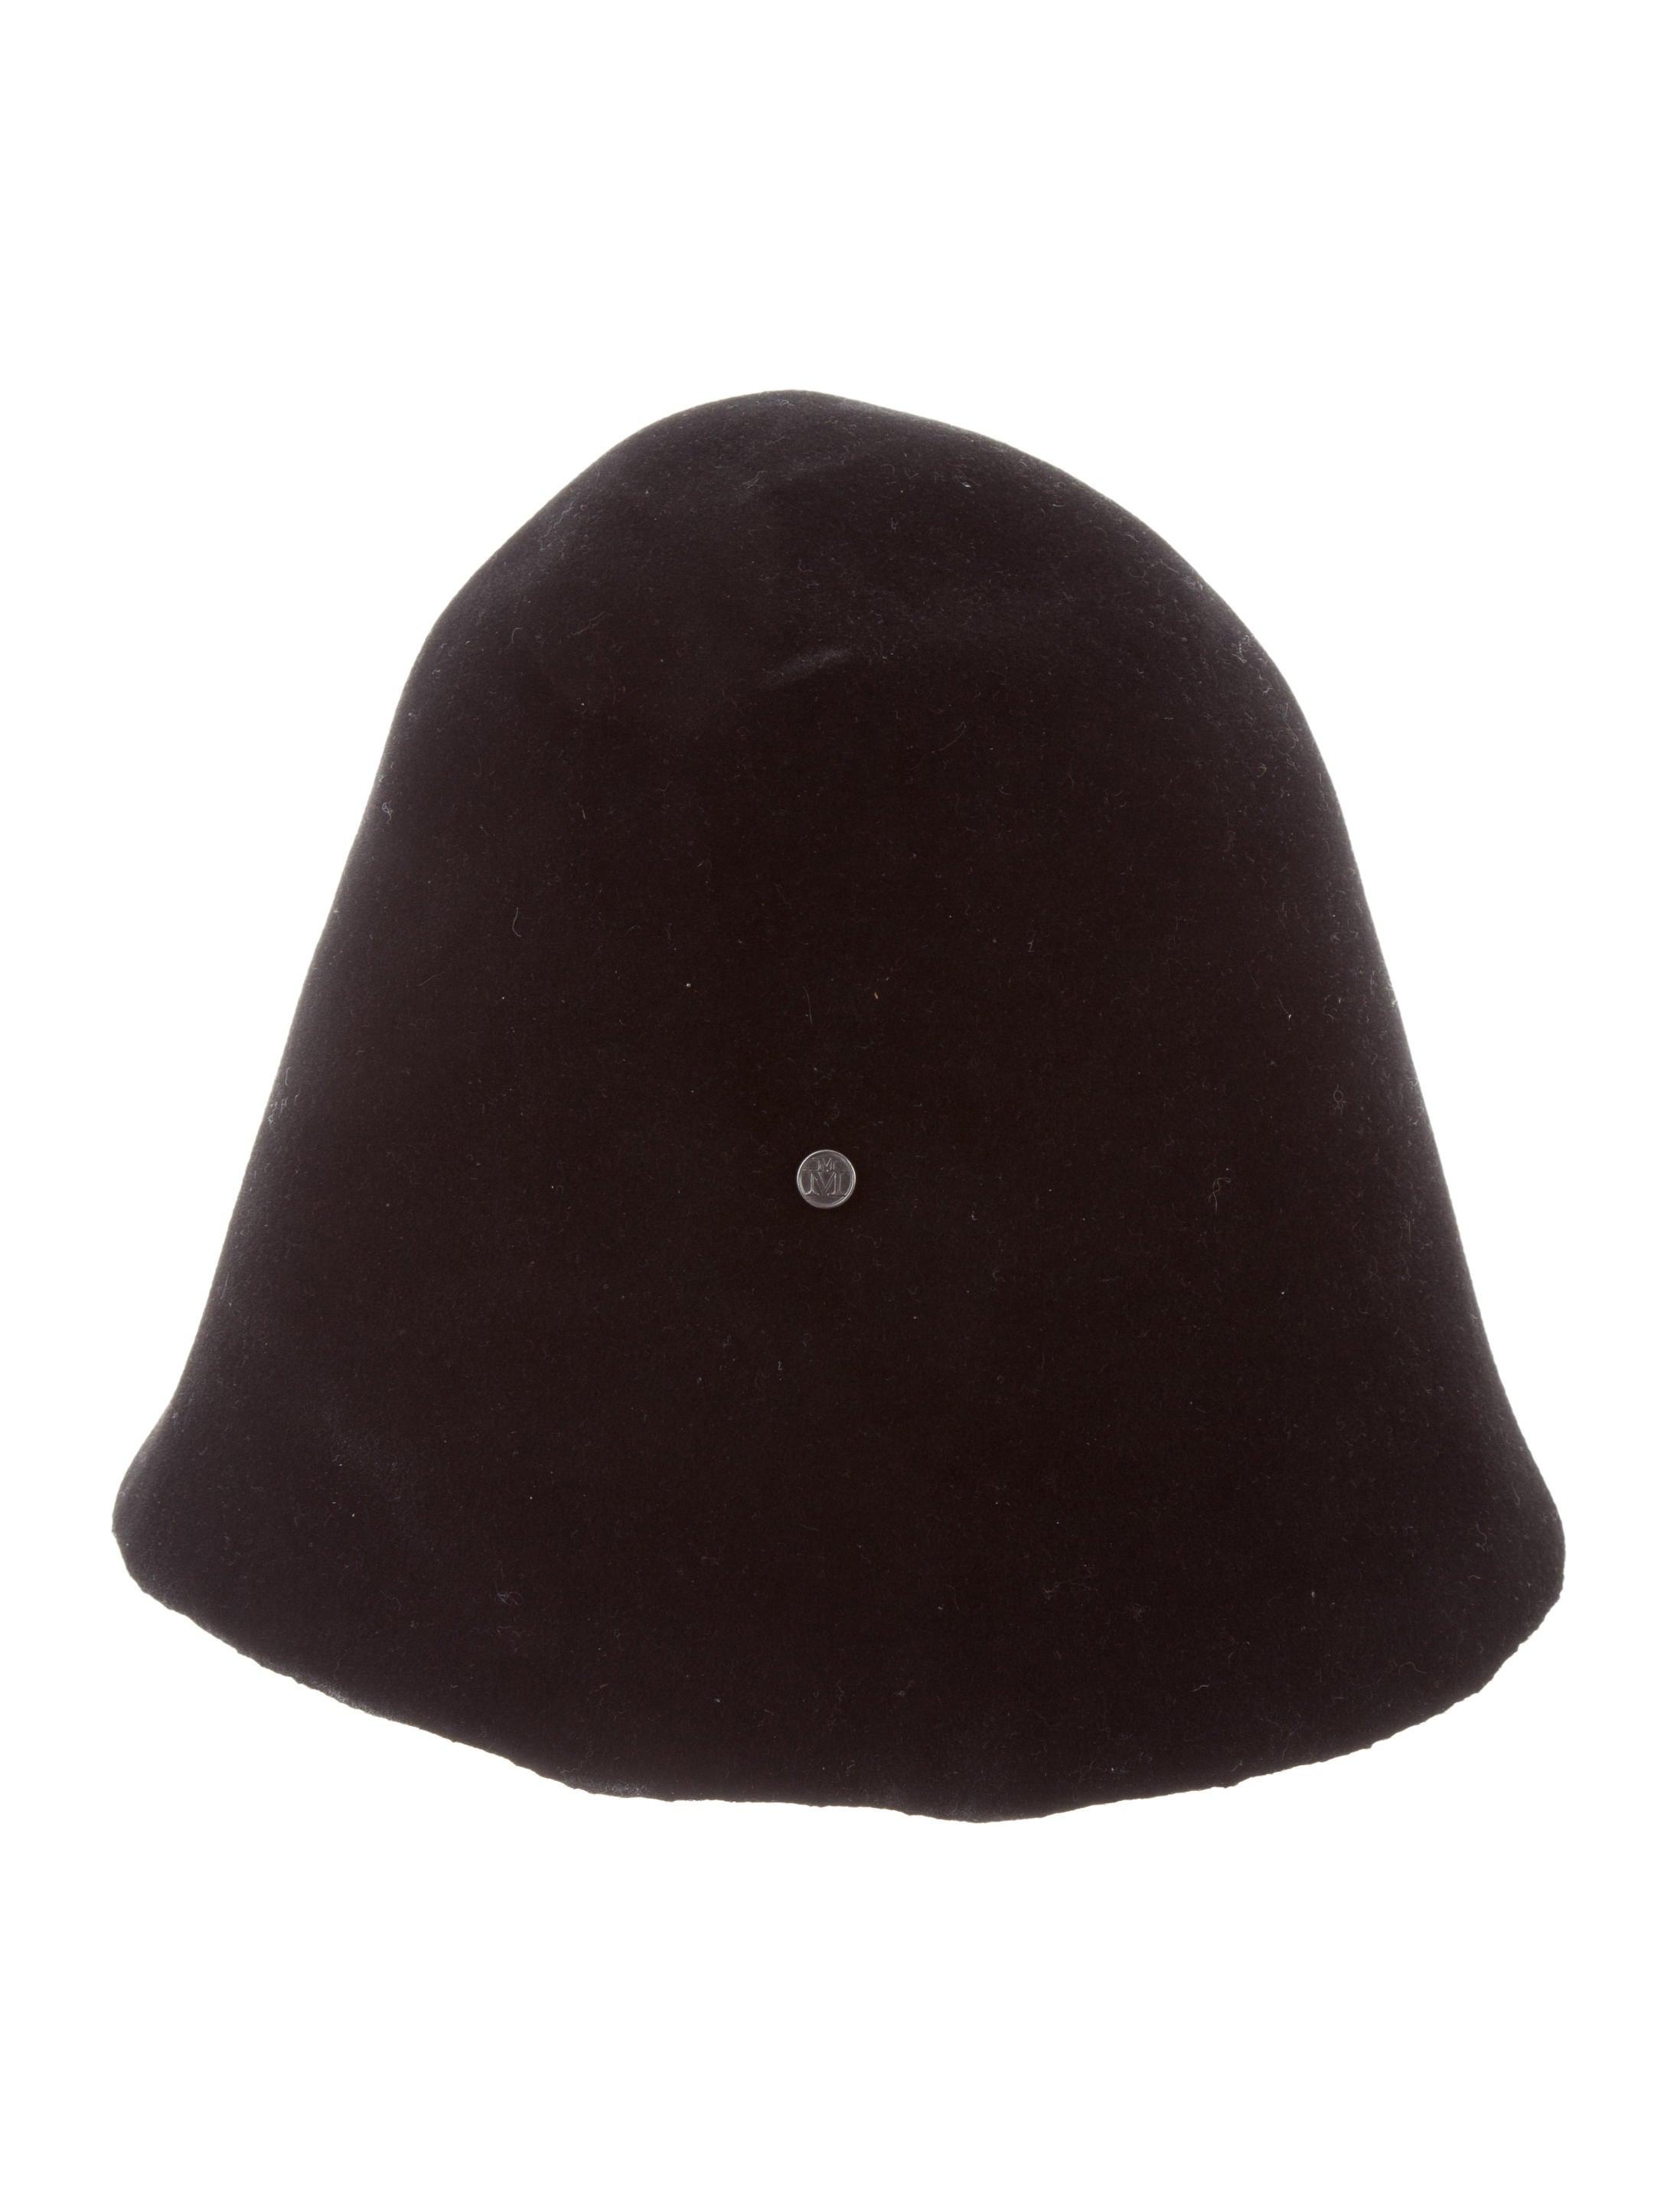 7124f7e81d4 Maison Michel Black Felt Hat - Accessories - MSM20398